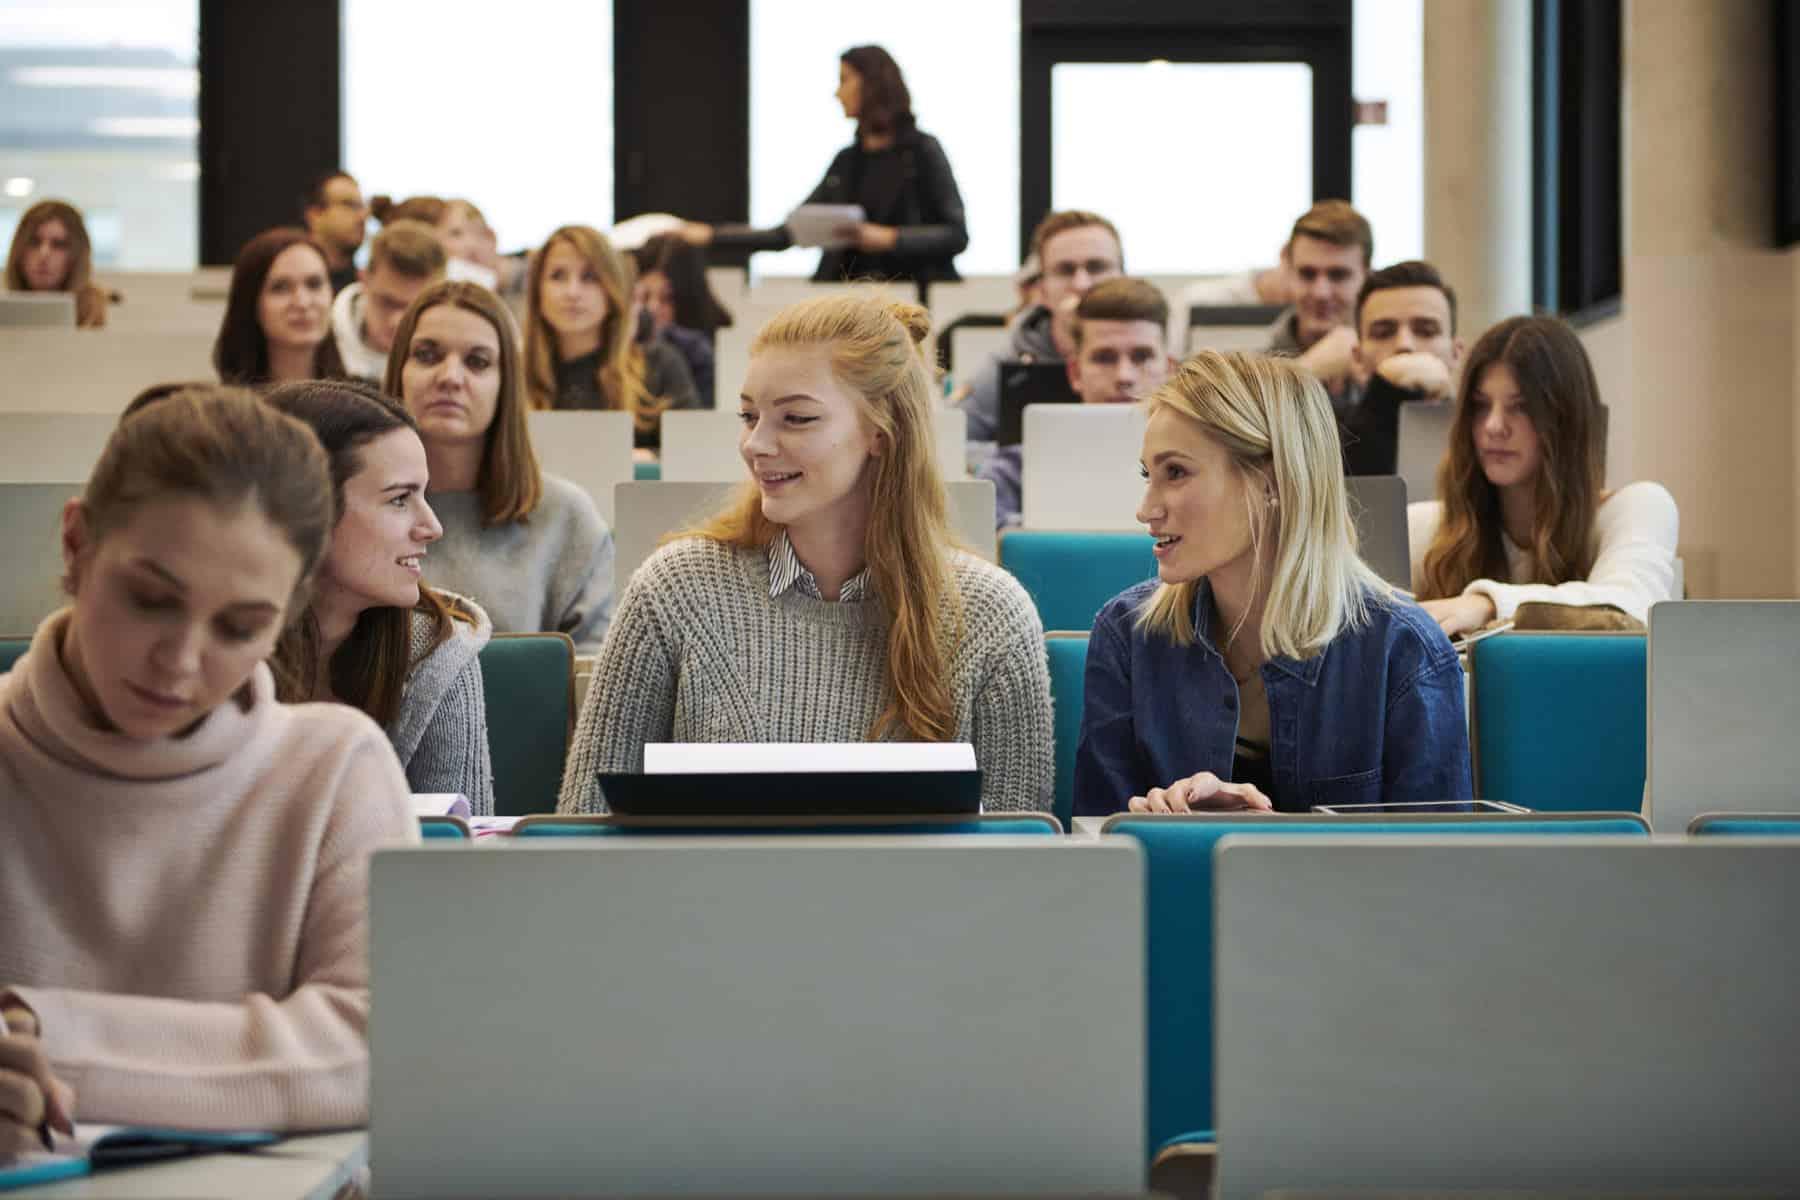 Studium neben dem beruf an der fom hochschule wuppertal for Studium neben dem beruf